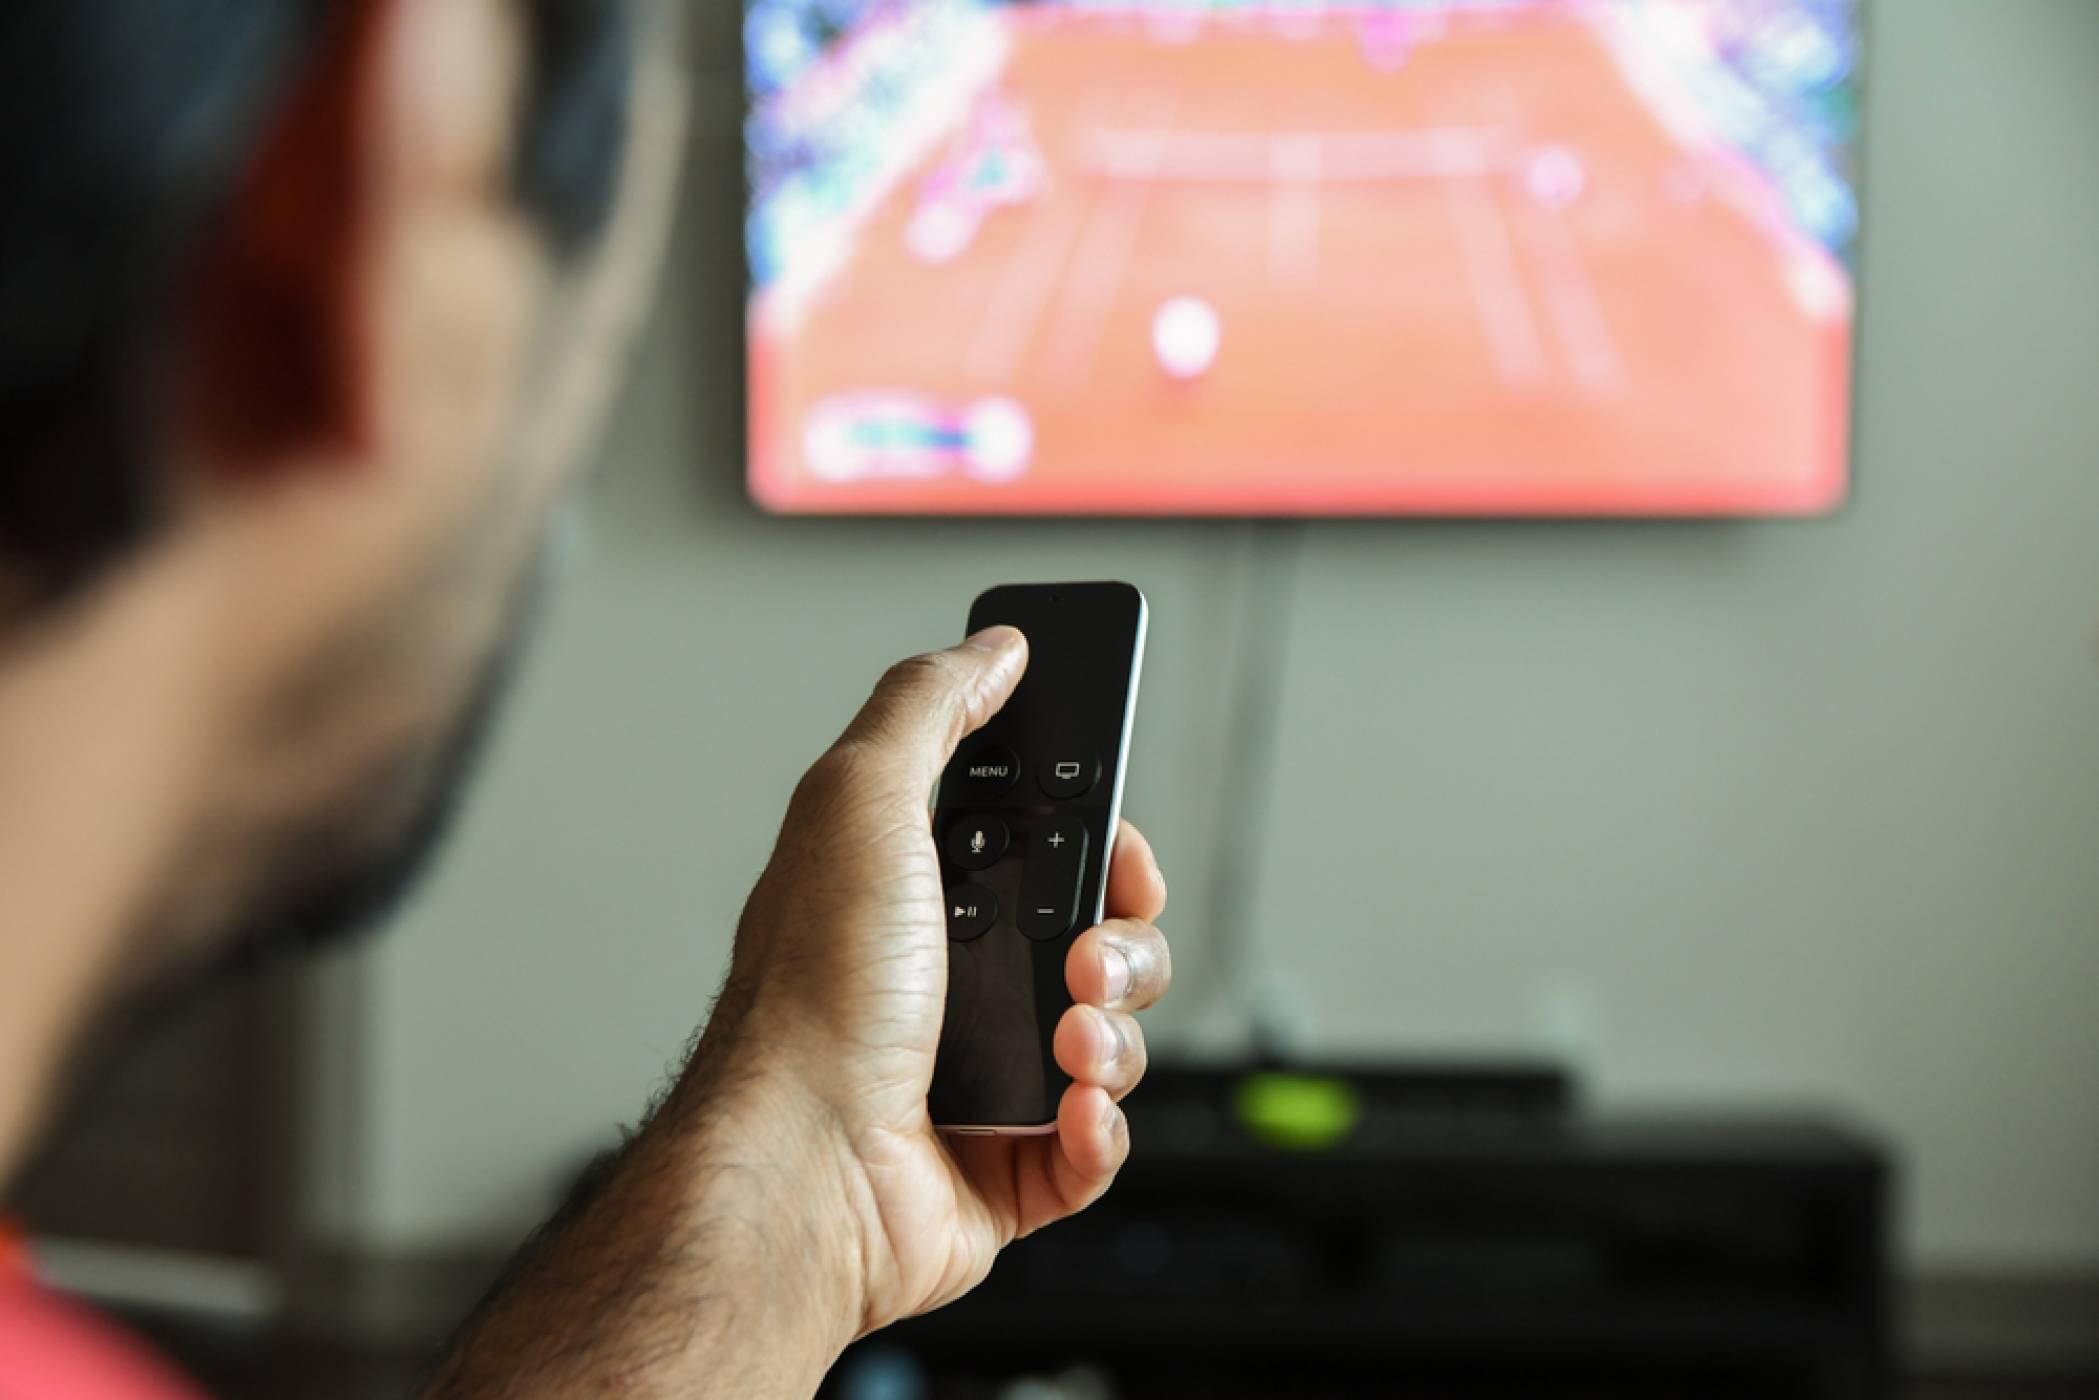 Традиционните TV производители продължават да доминират на пазара на стрийминг устройства